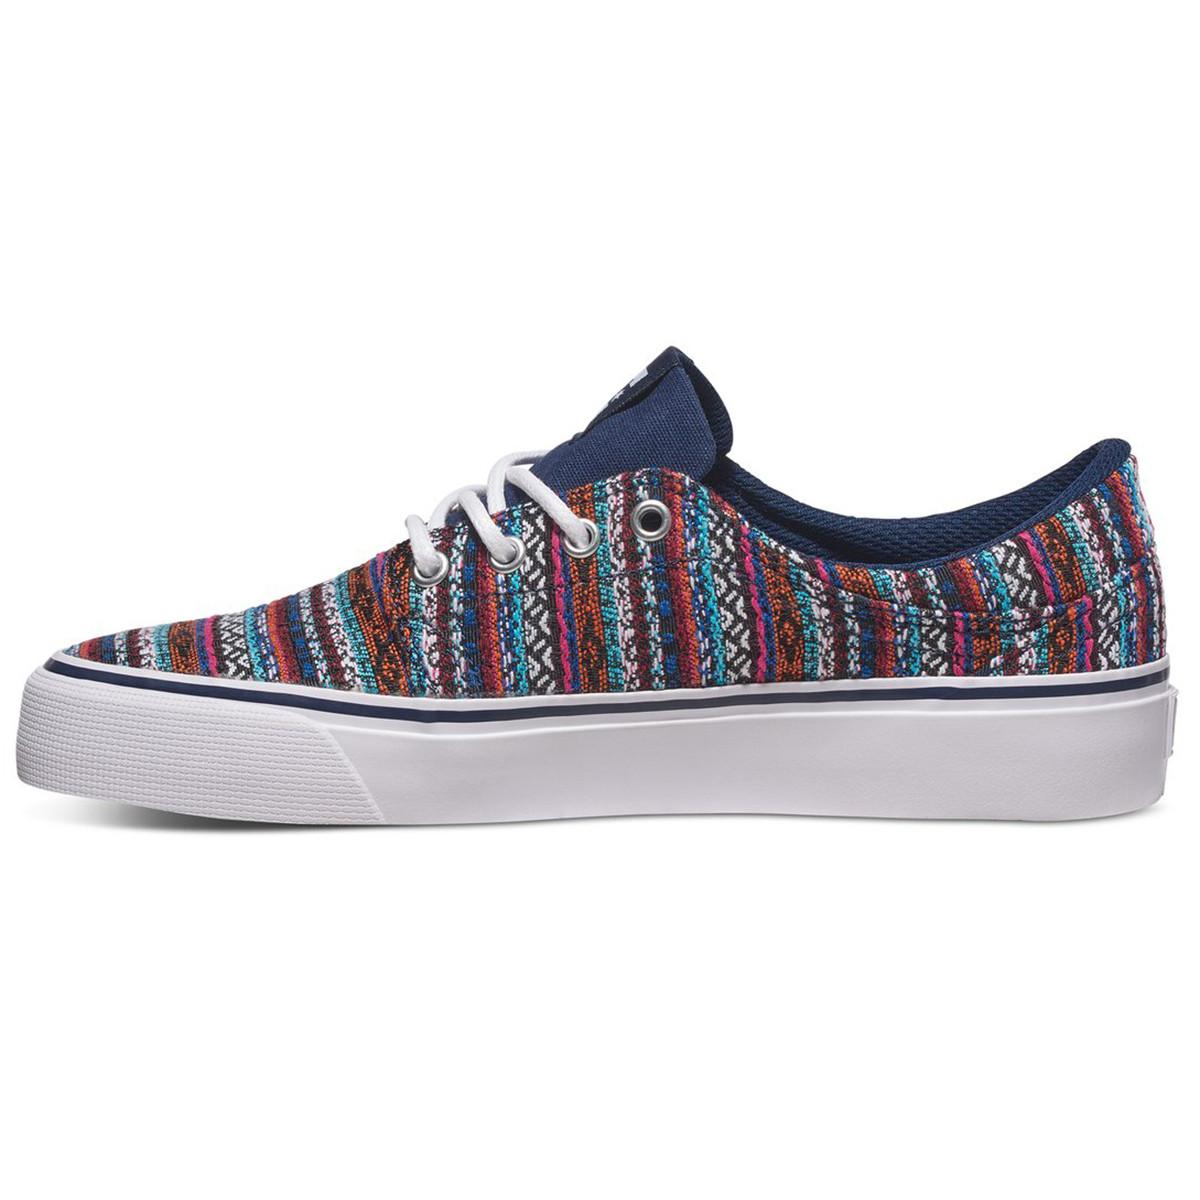 Pas Multicolore Chaussures Chaussure Femme Cher Le Shoes Trase Dc PTOuwZiXkl